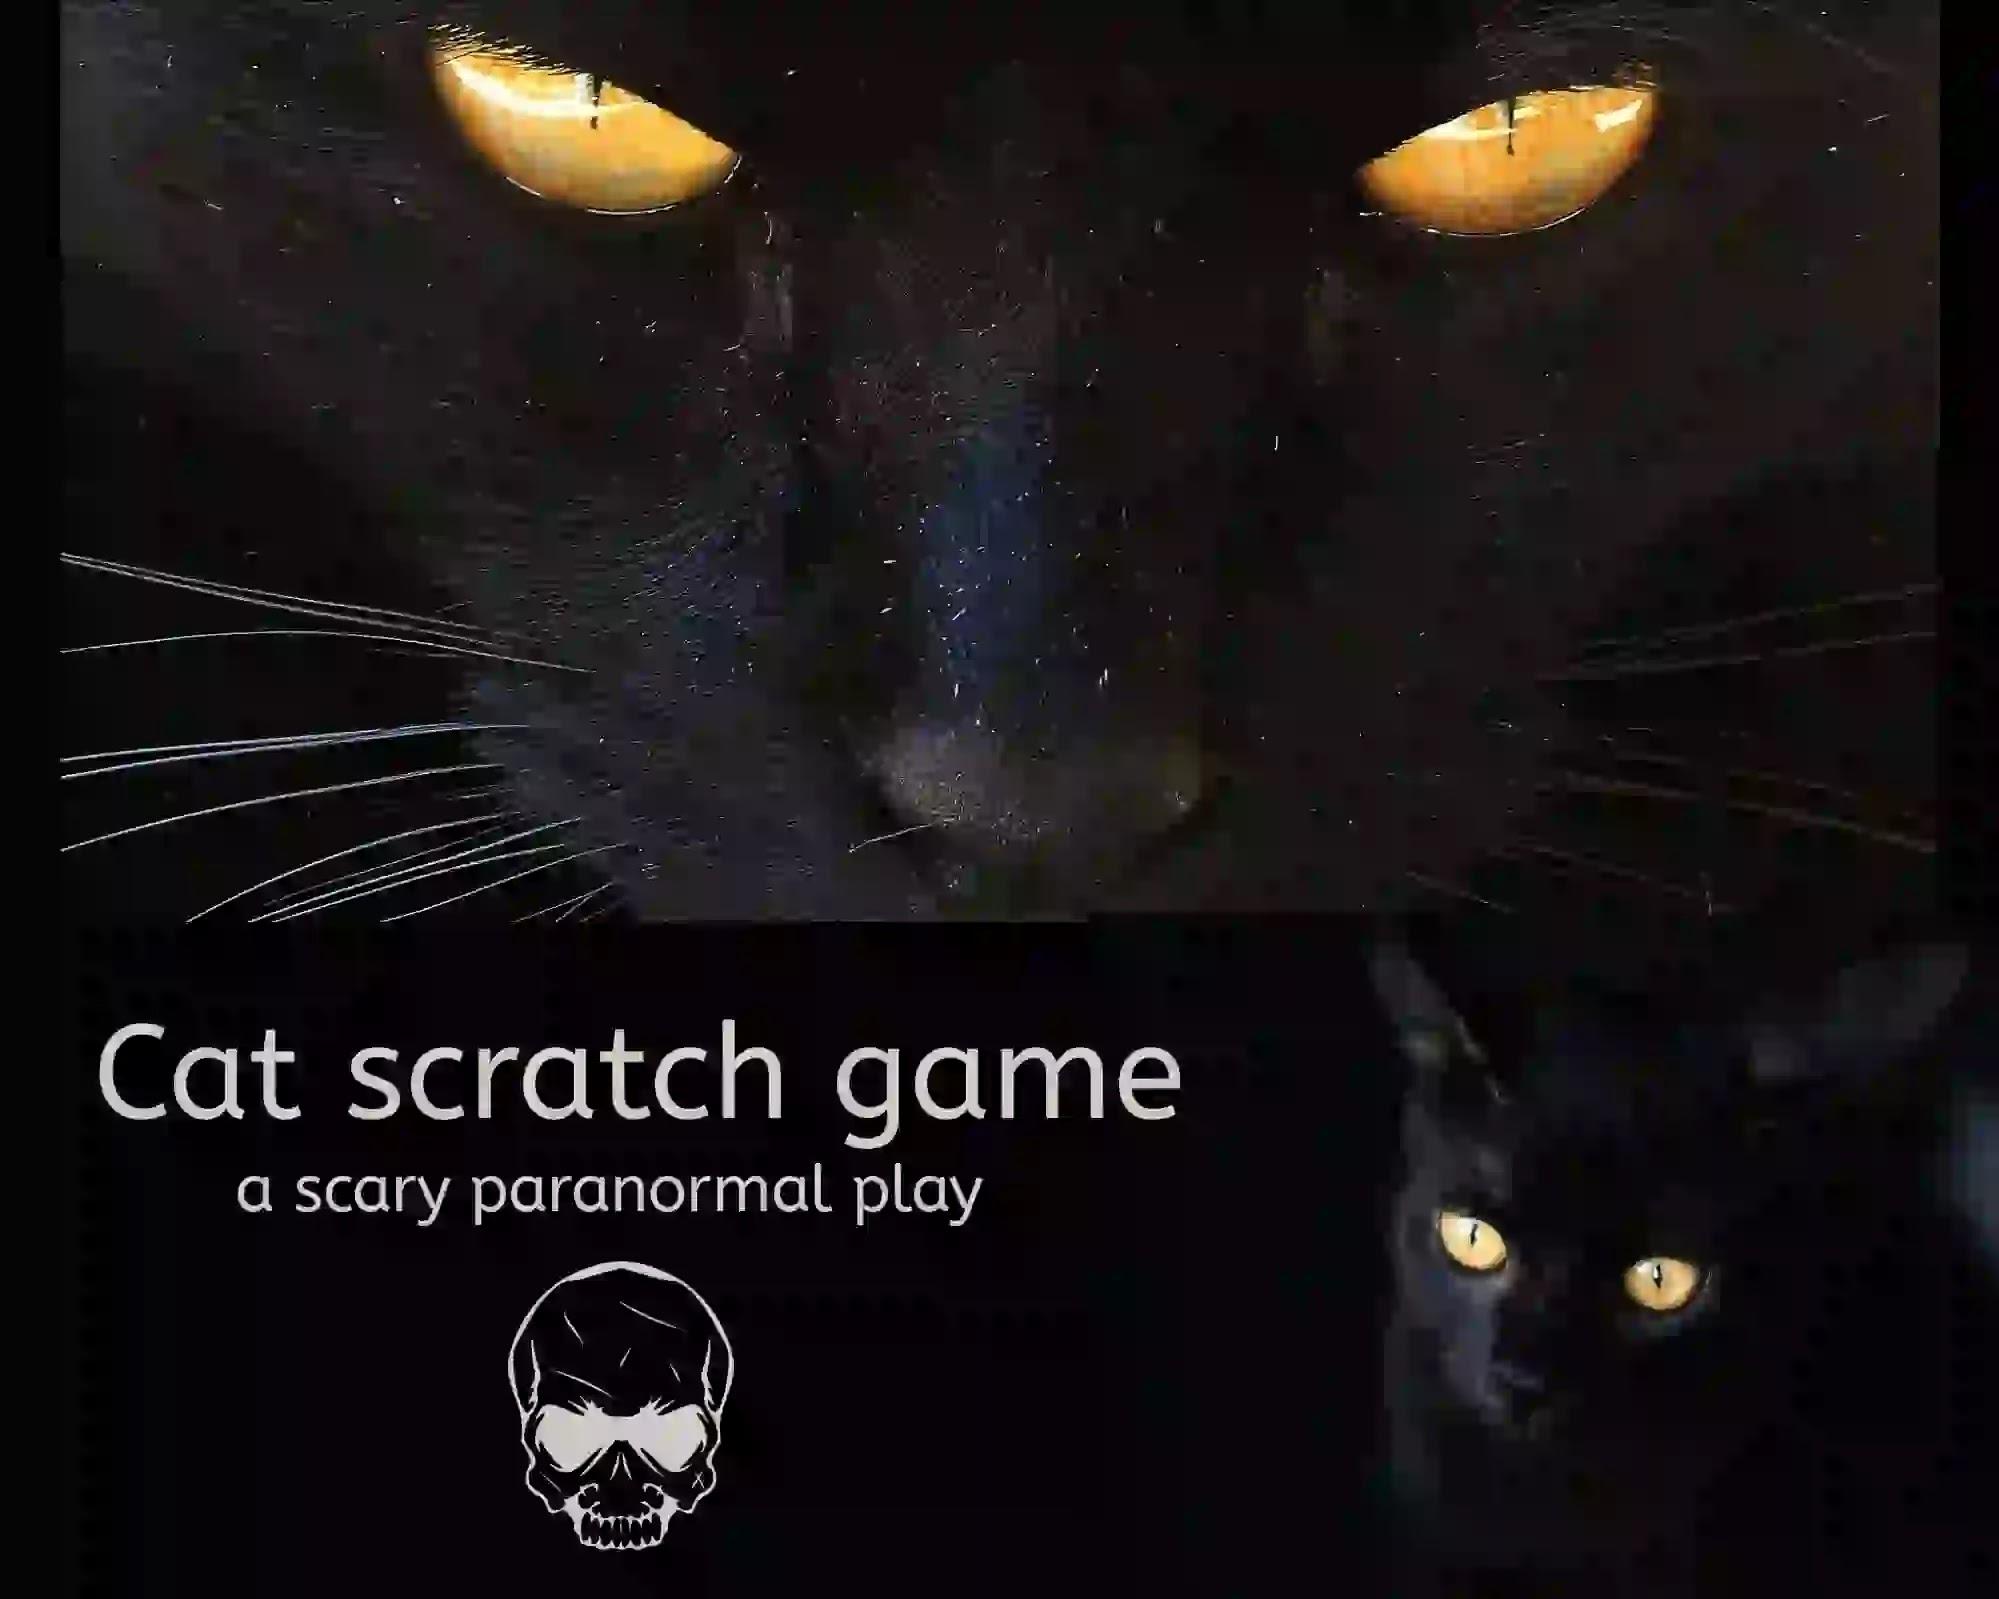 the cat scratch game